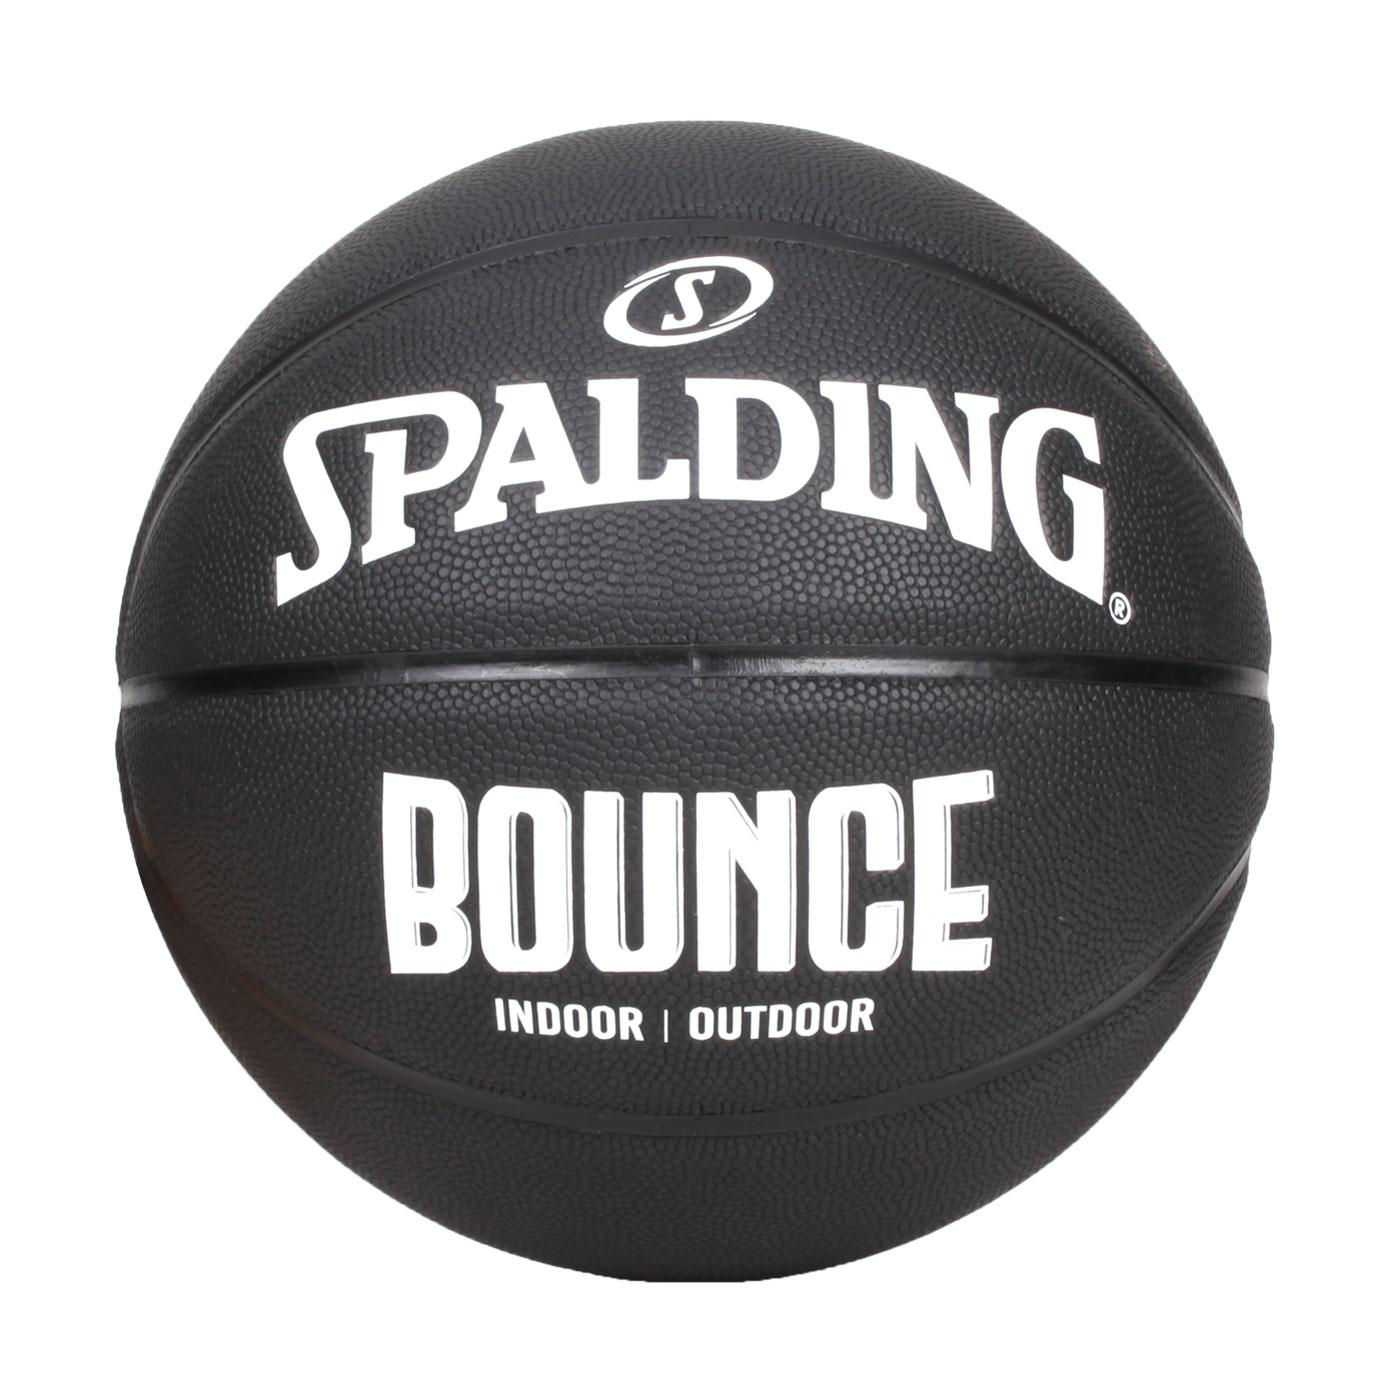 SPALDING Bounce 籃球-PU SPB91005 - 黑白